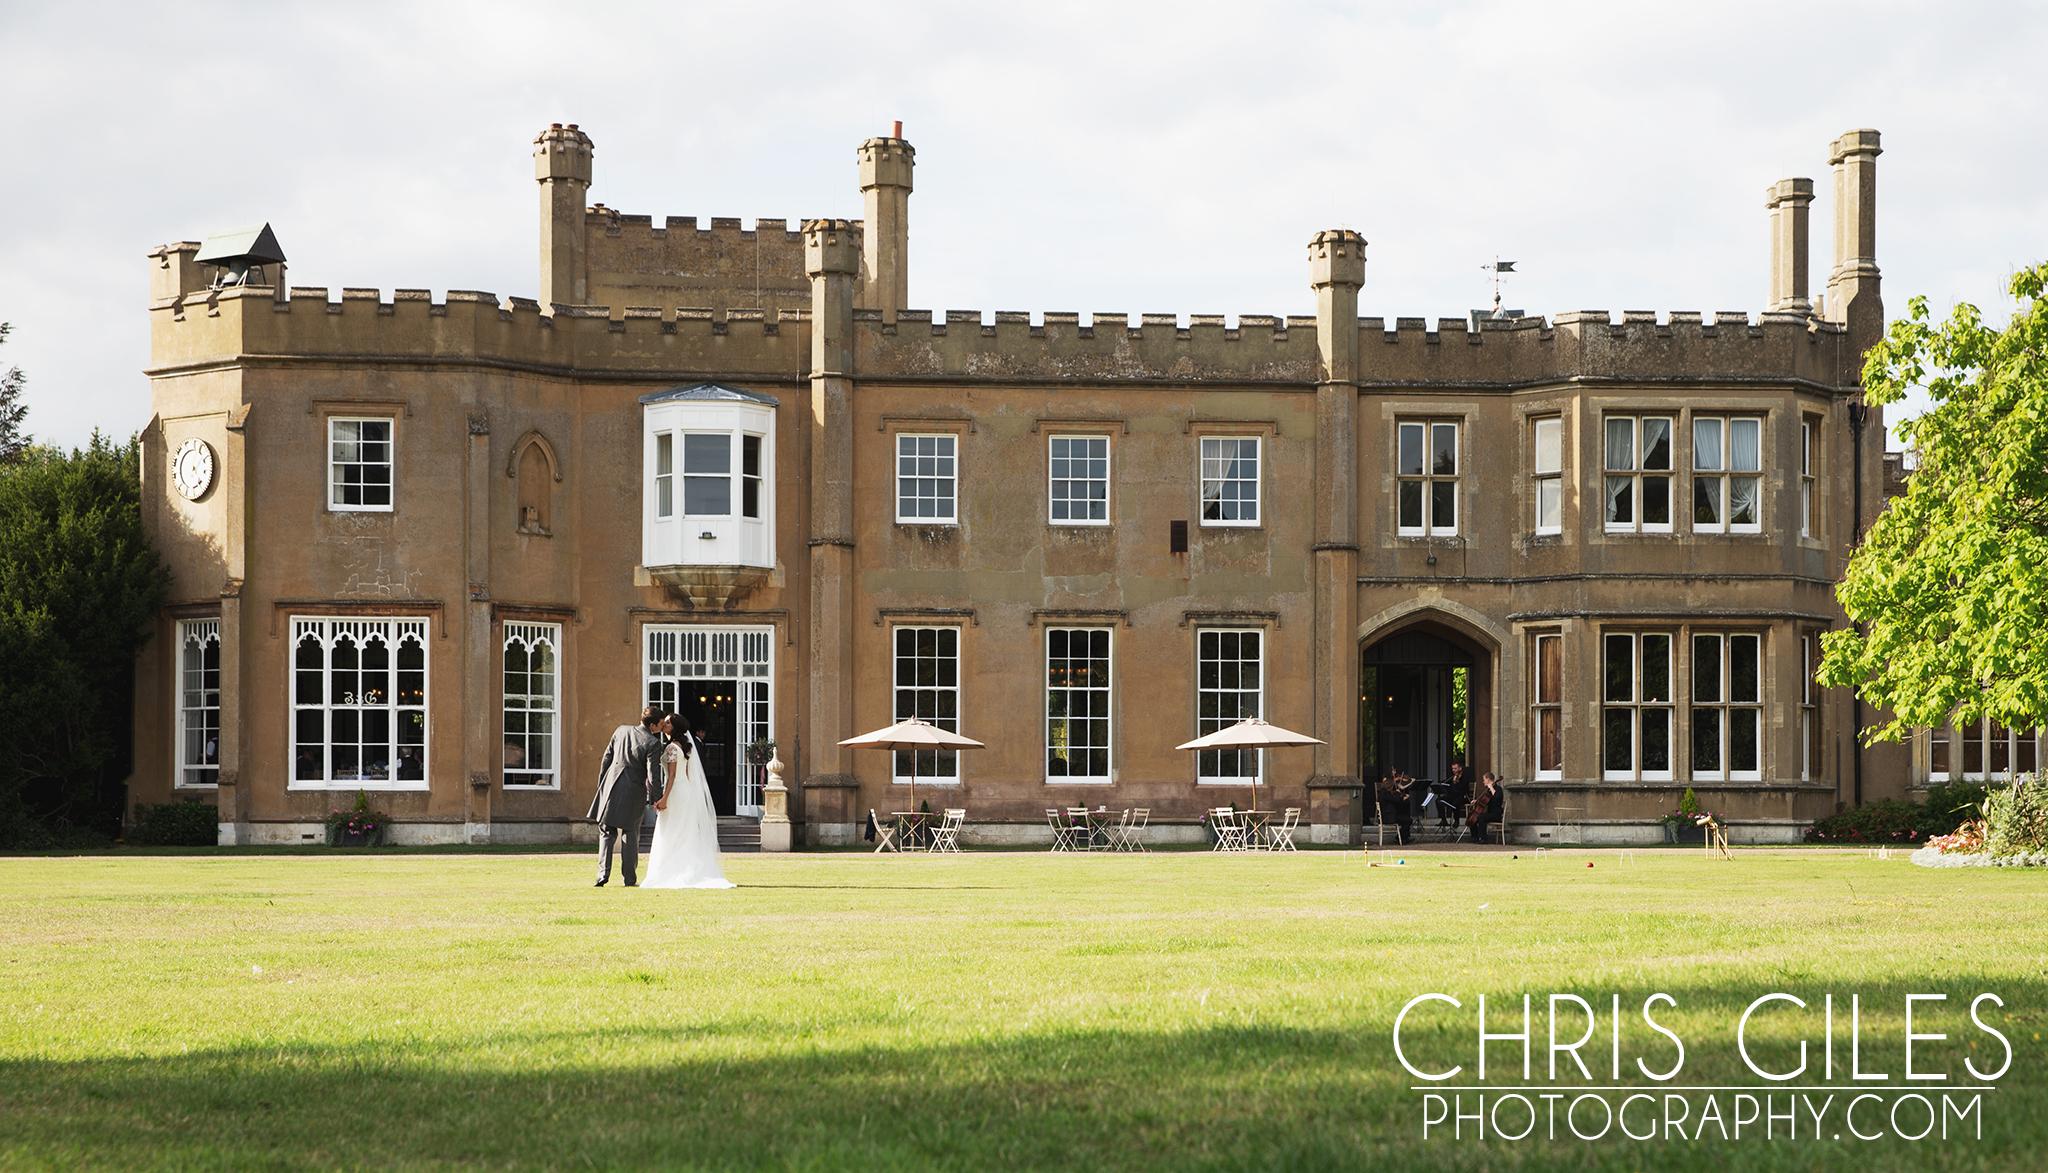 Chris-Giles-Nonsuch-Mansion-Surrey-Wedding